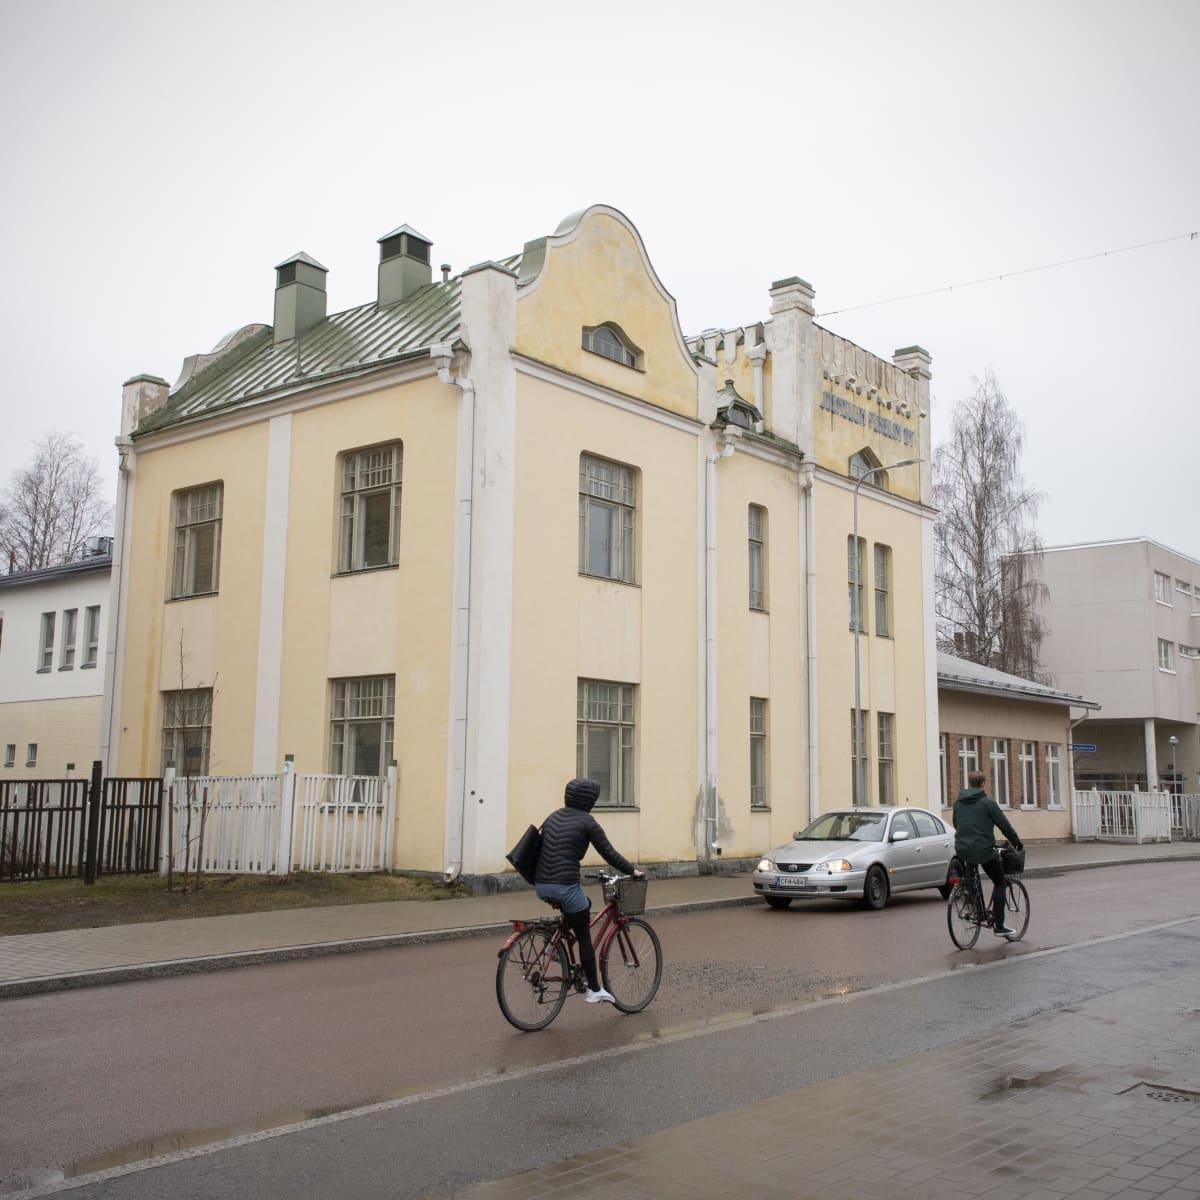 Joensuun Puhelimen vanha talo.